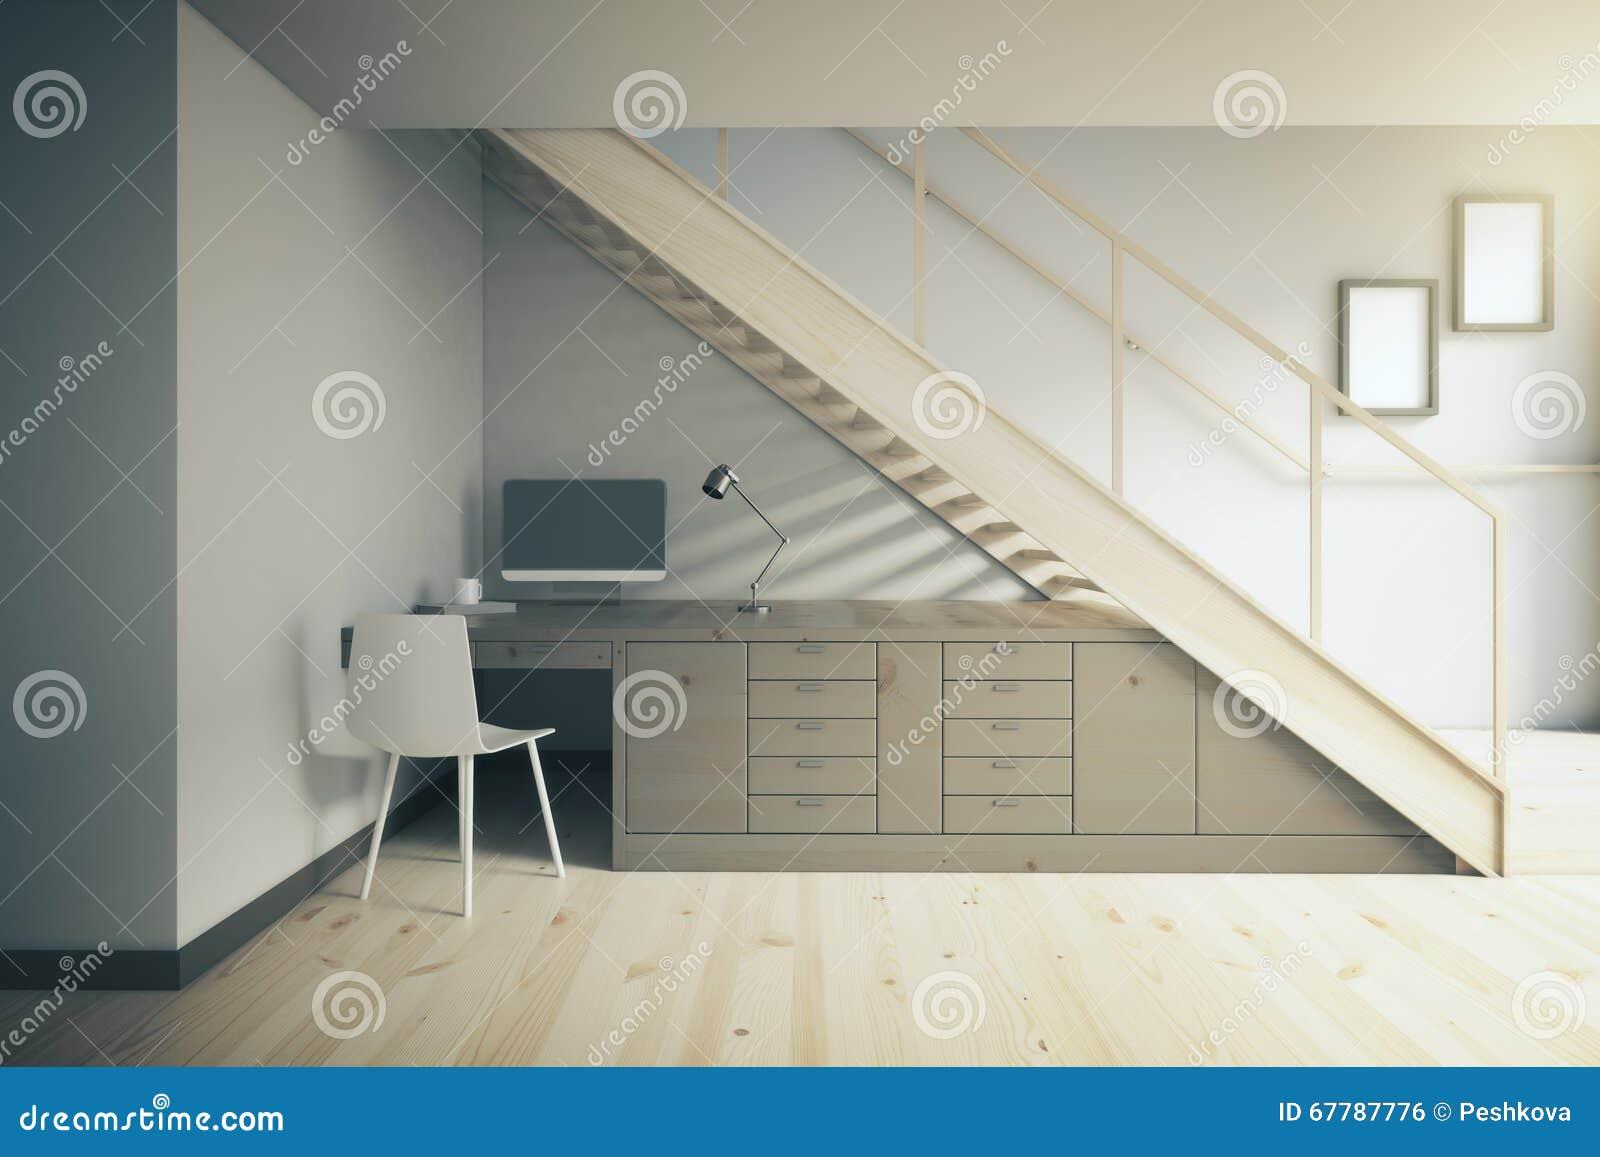 Mörk Arbetsområde Under Trappa Stock Illustrationer - Bild: 67787776